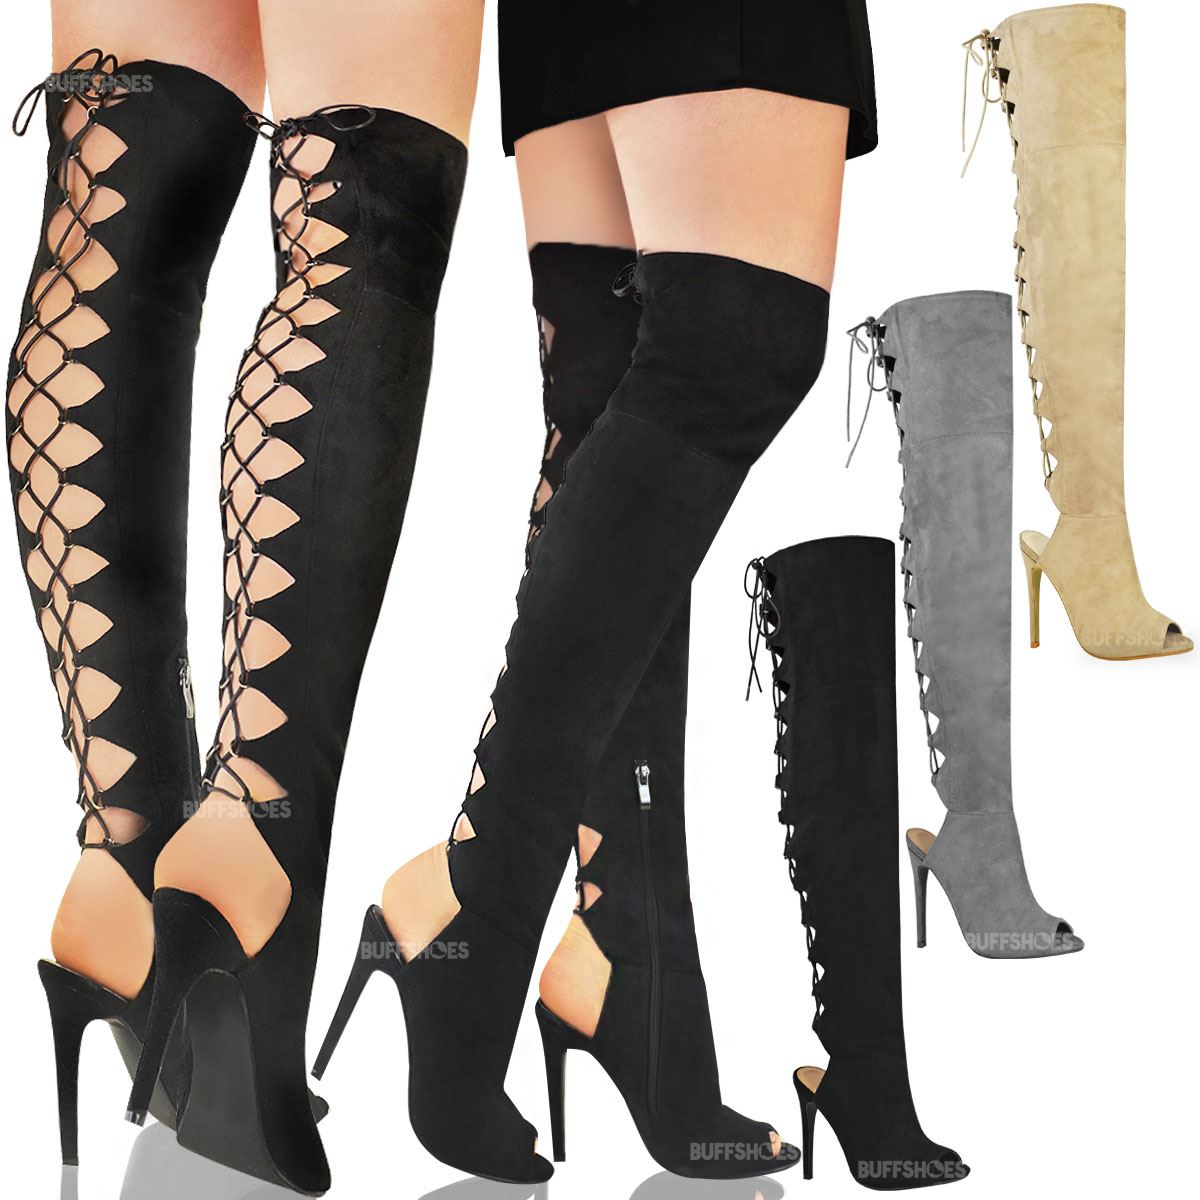 bottes cuissardes talons aiguilles moulant sexy lacets femme eur 42 99 picclick fr. Black Bedroom Furniture Sets. Home Design Ideas